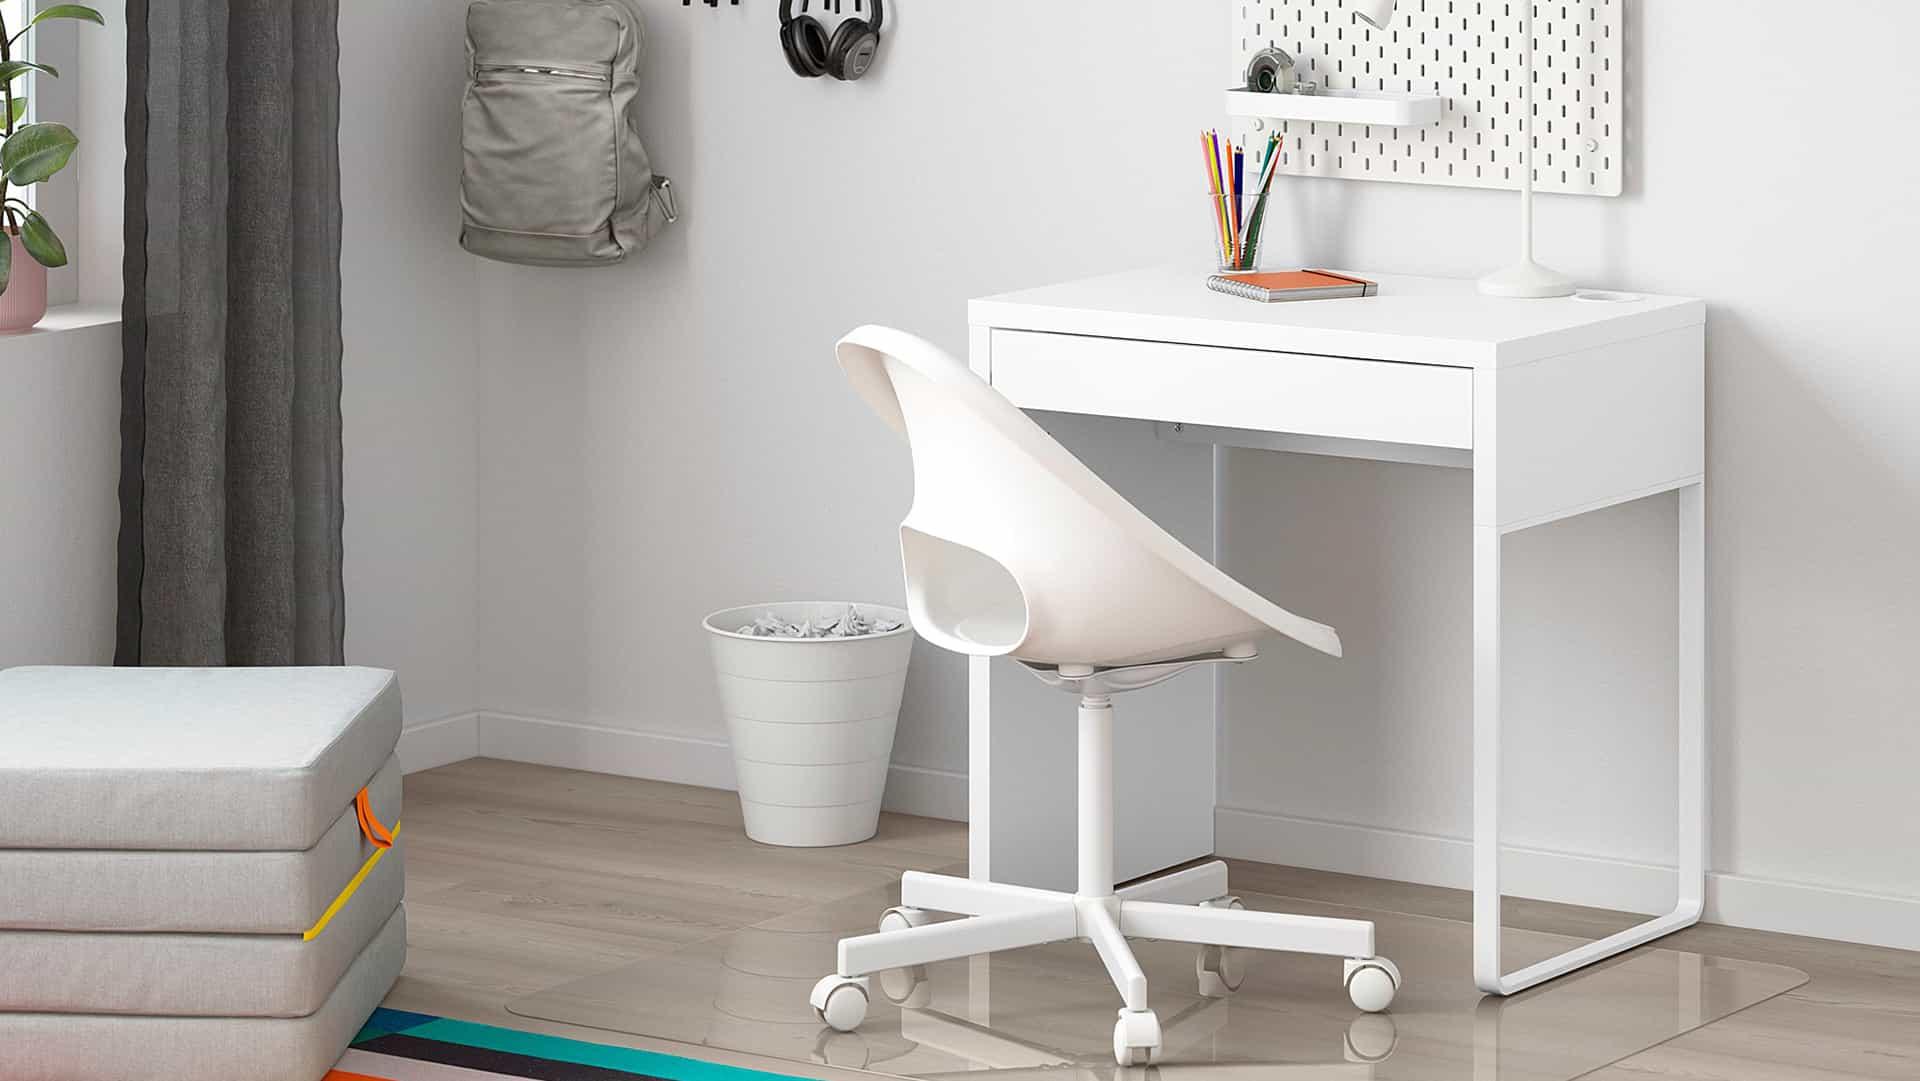 Mejor escritorio para espacios pequeños 2021: Opciones compactas para habitaciones pequeñas